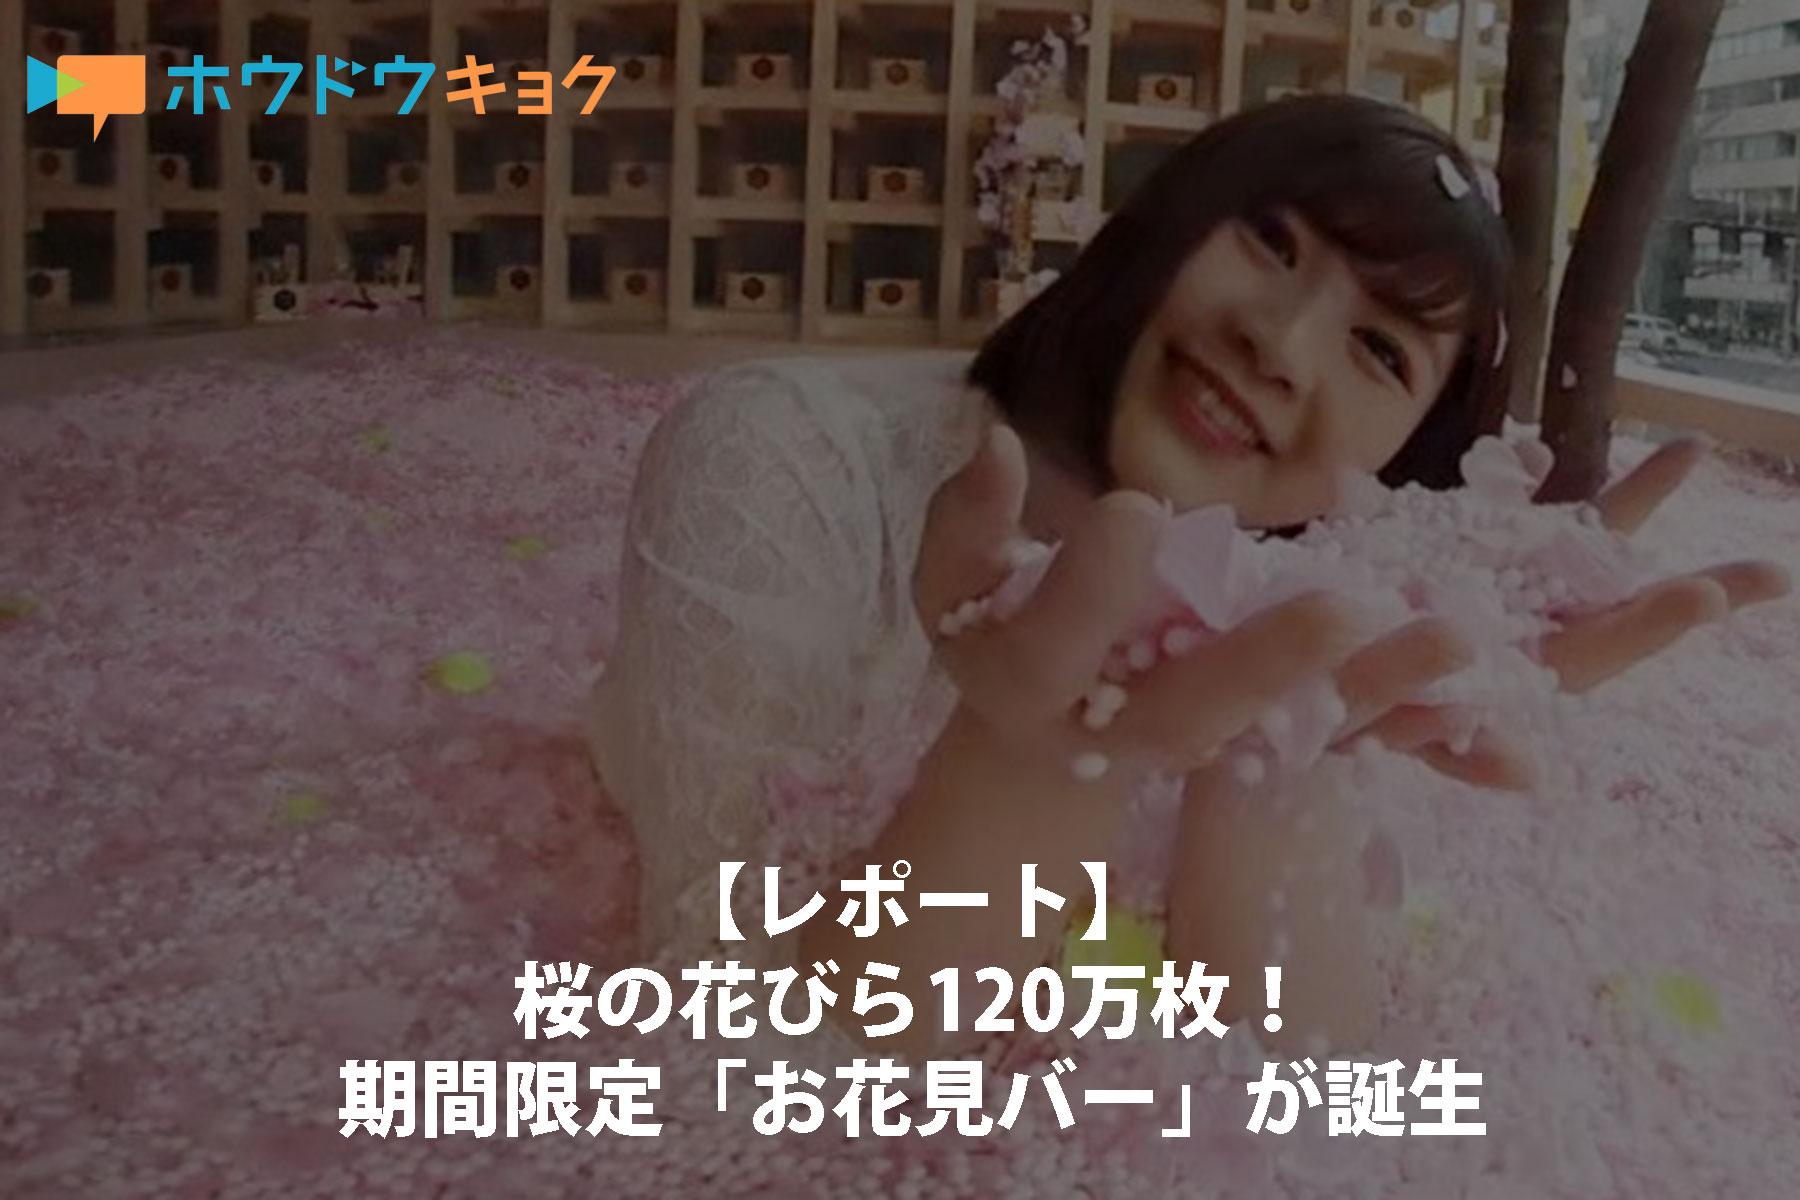 bunner_news_hodokyoku